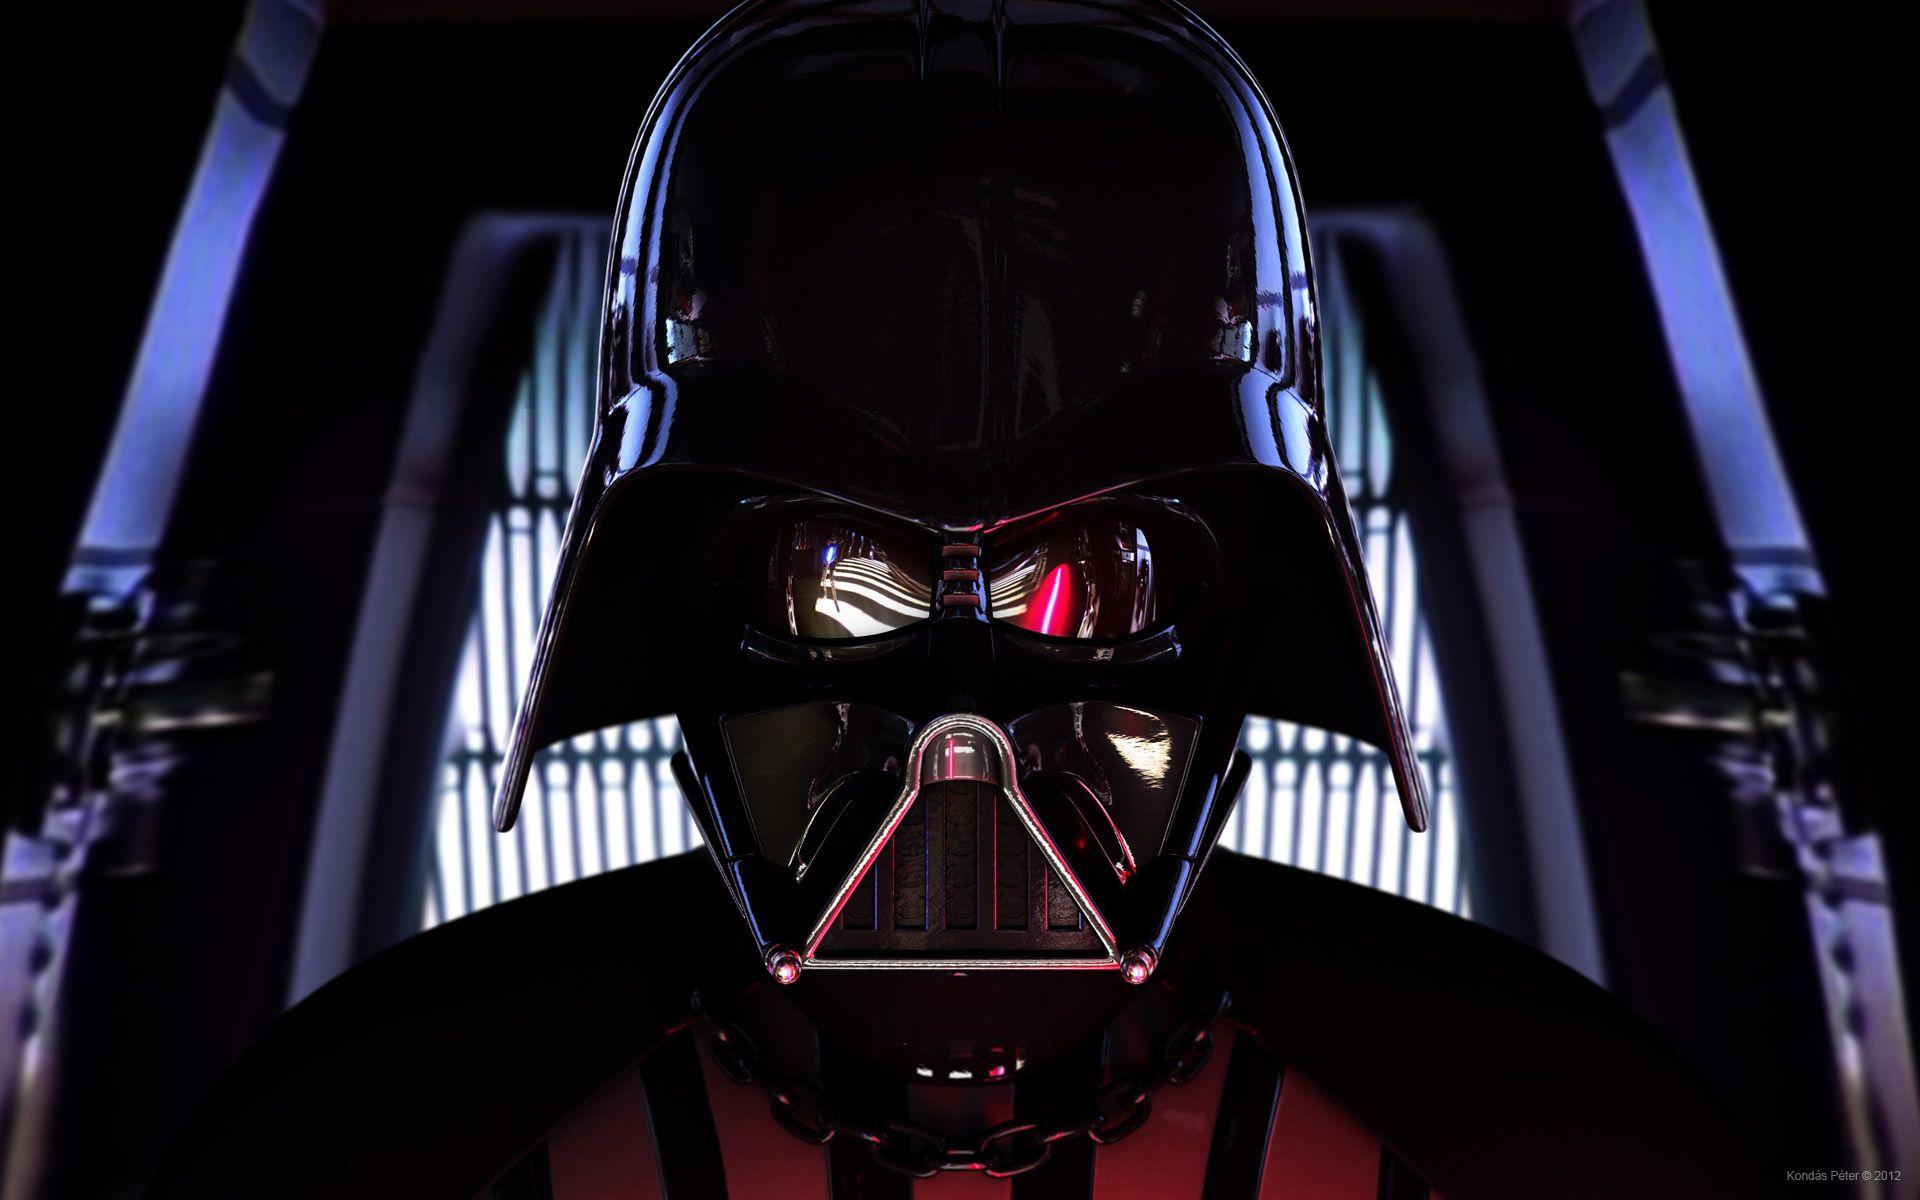 darth_vader__s_face_before_duel Star wars wallpaper